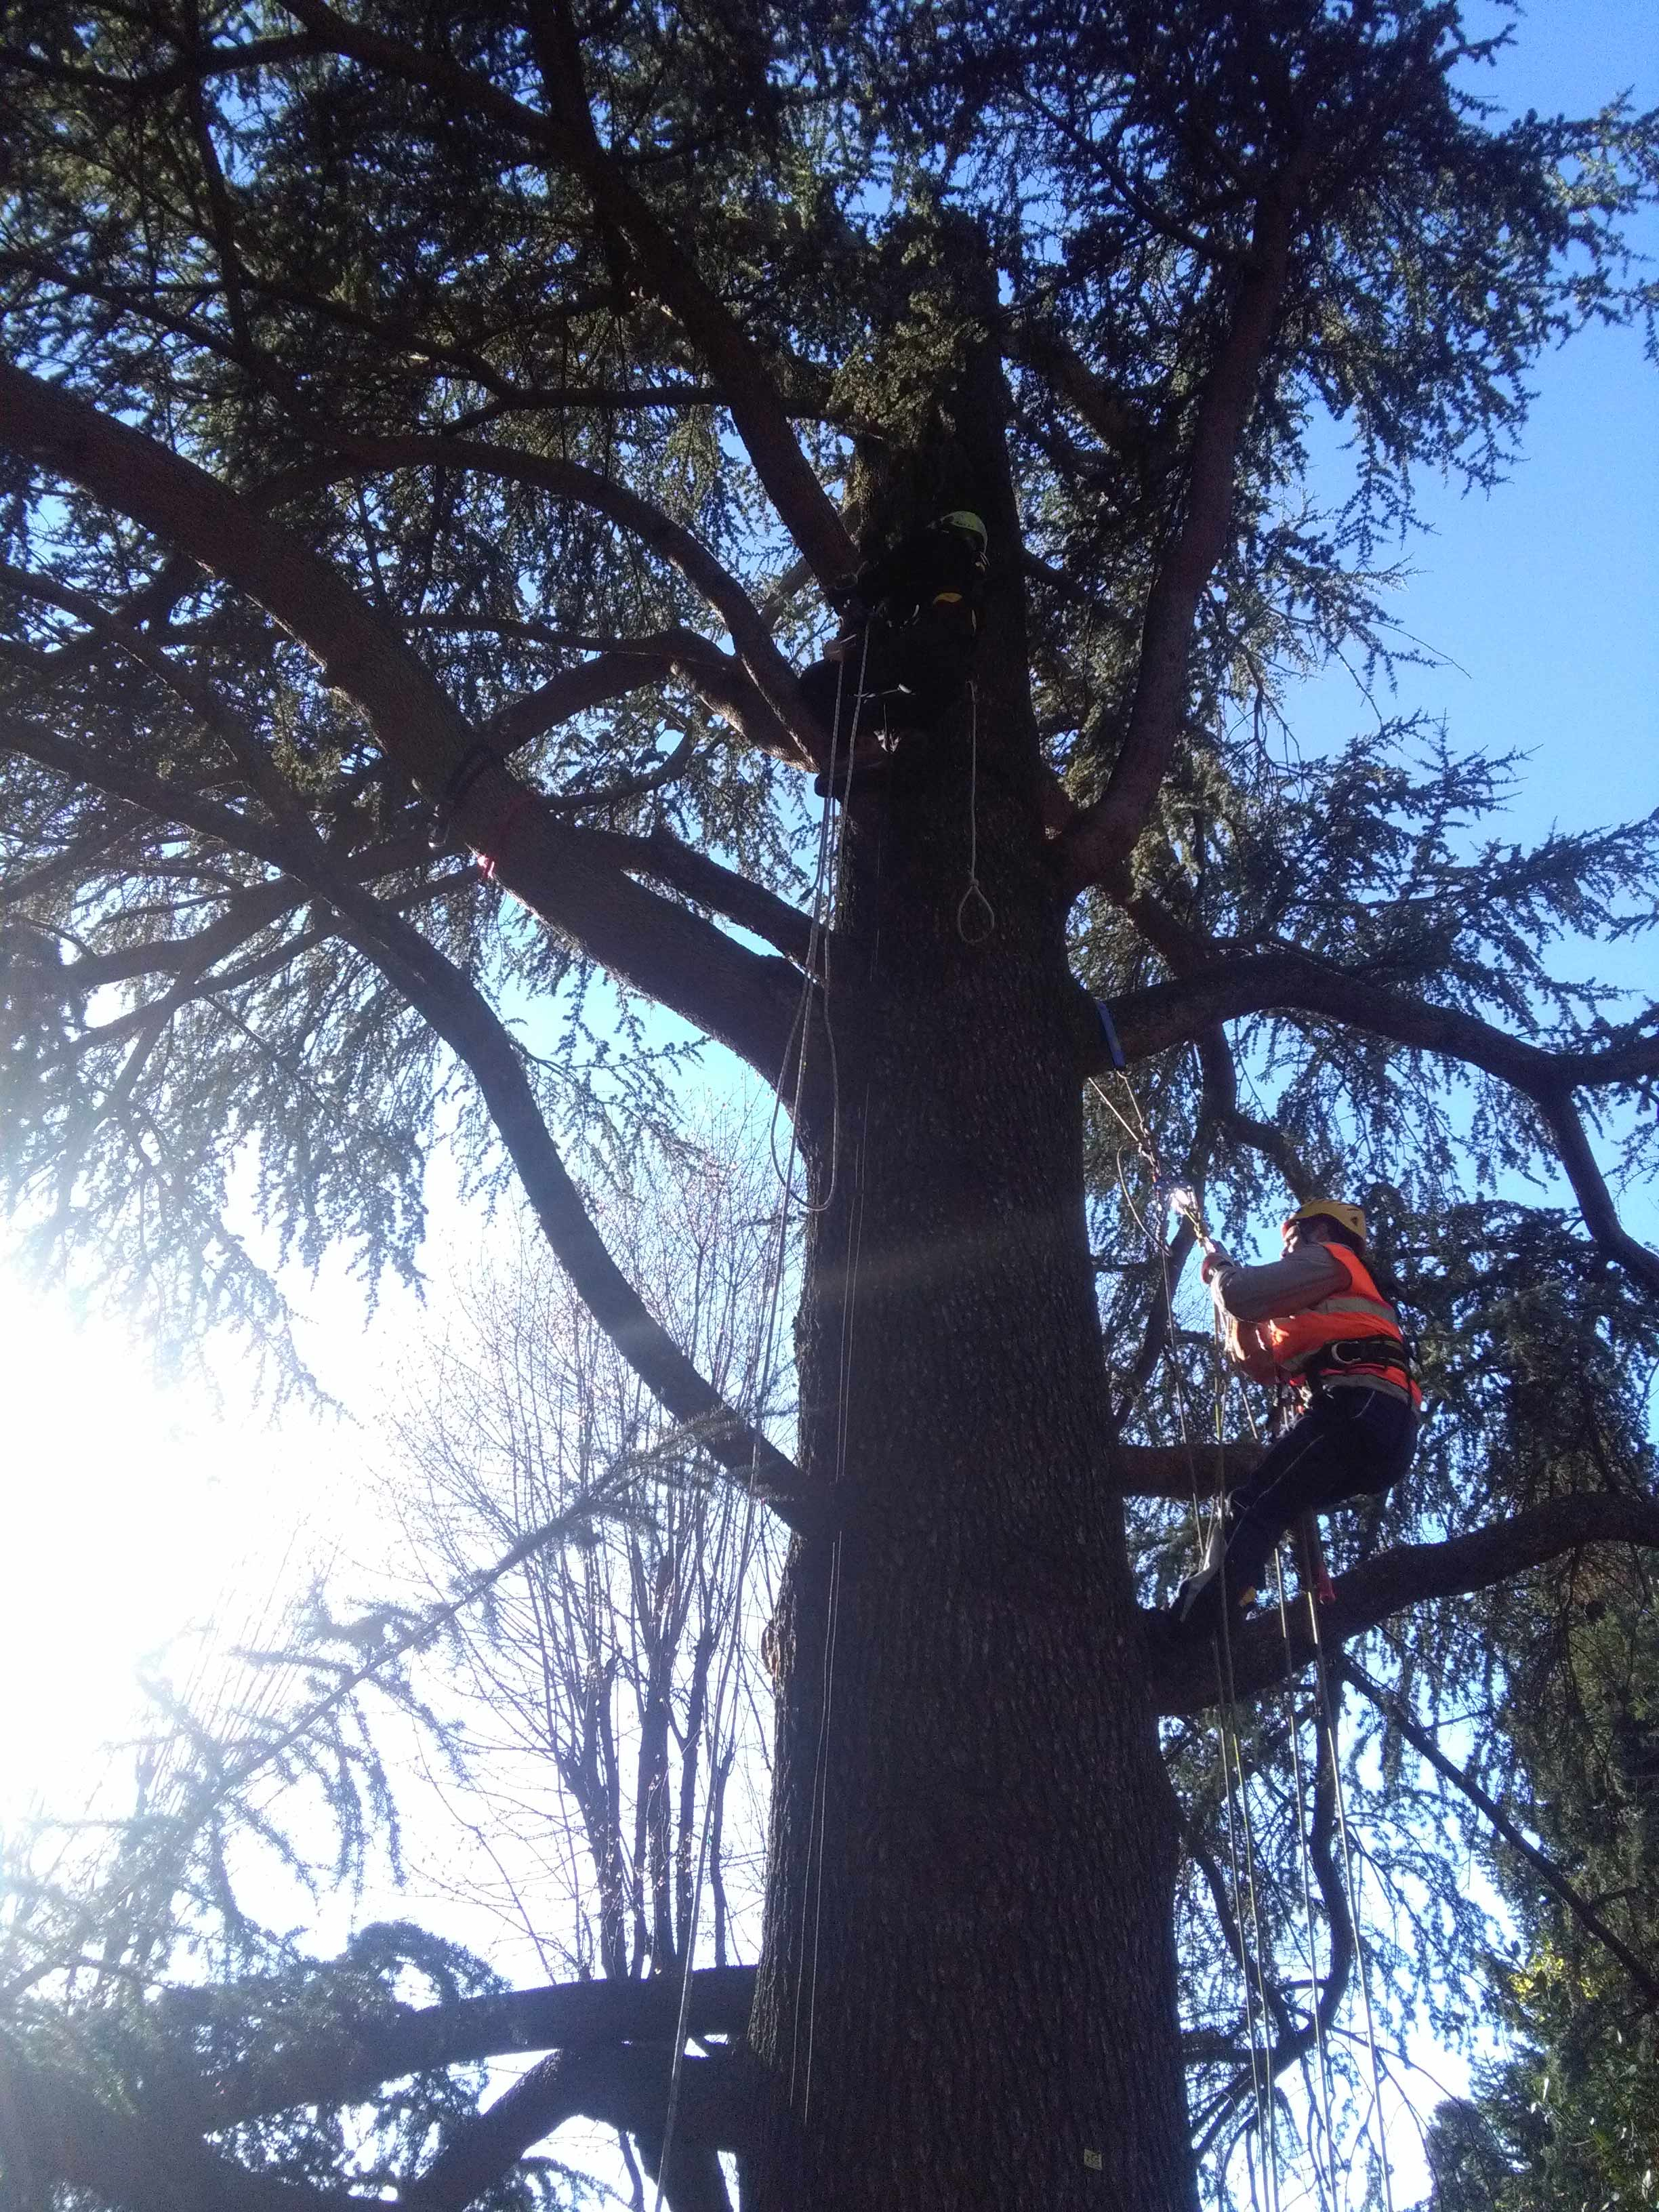 degli uomini con dei caschetti e un imbragatura con delle funi al lavoro su un albero